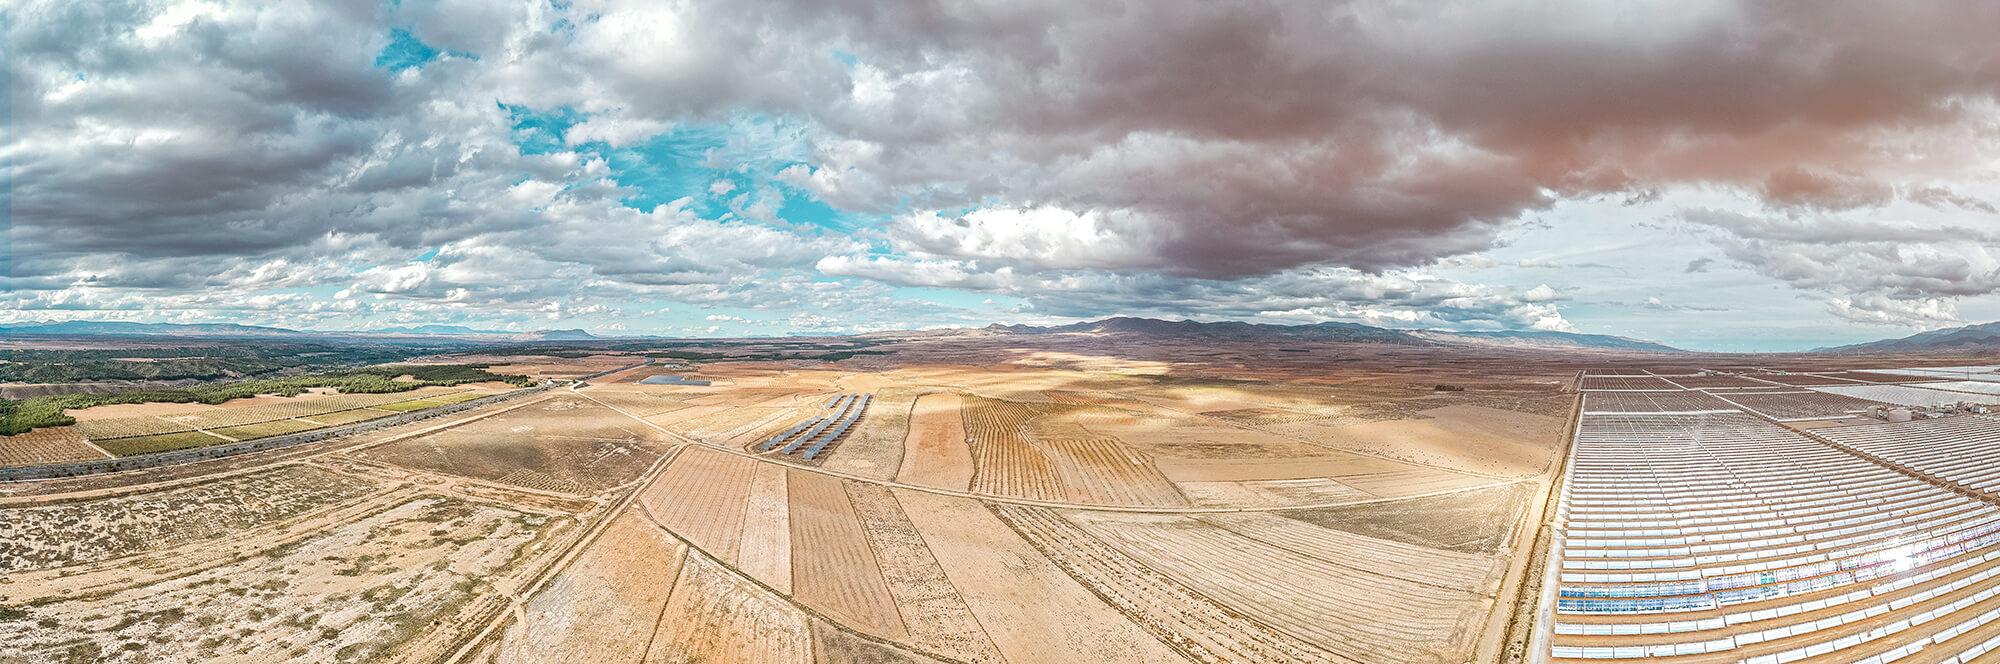 Panoramaaufnahme Drohne 31M von Andasol, Spanien